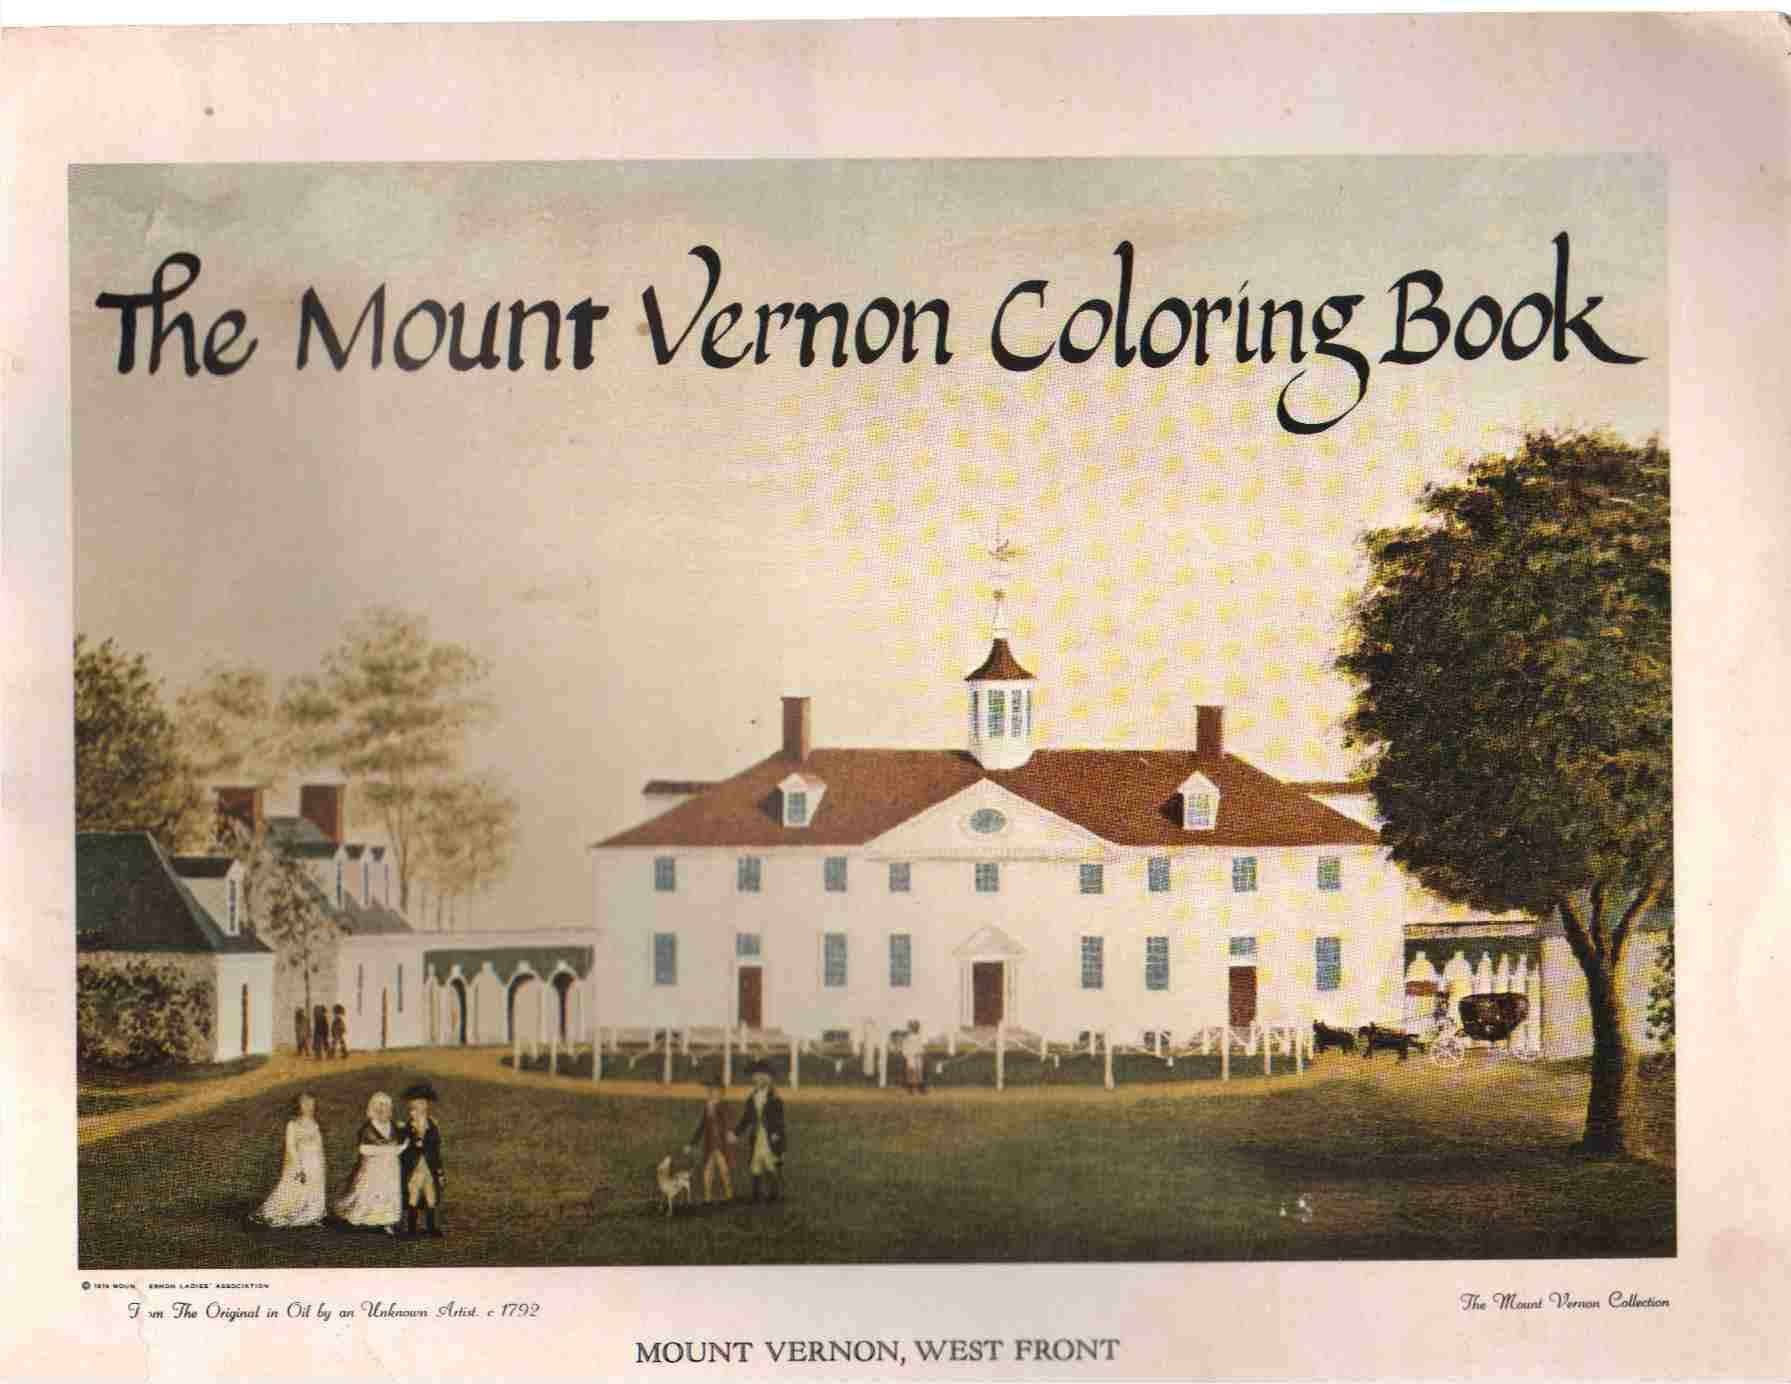 MOUNT VERNON COLORING BOOK